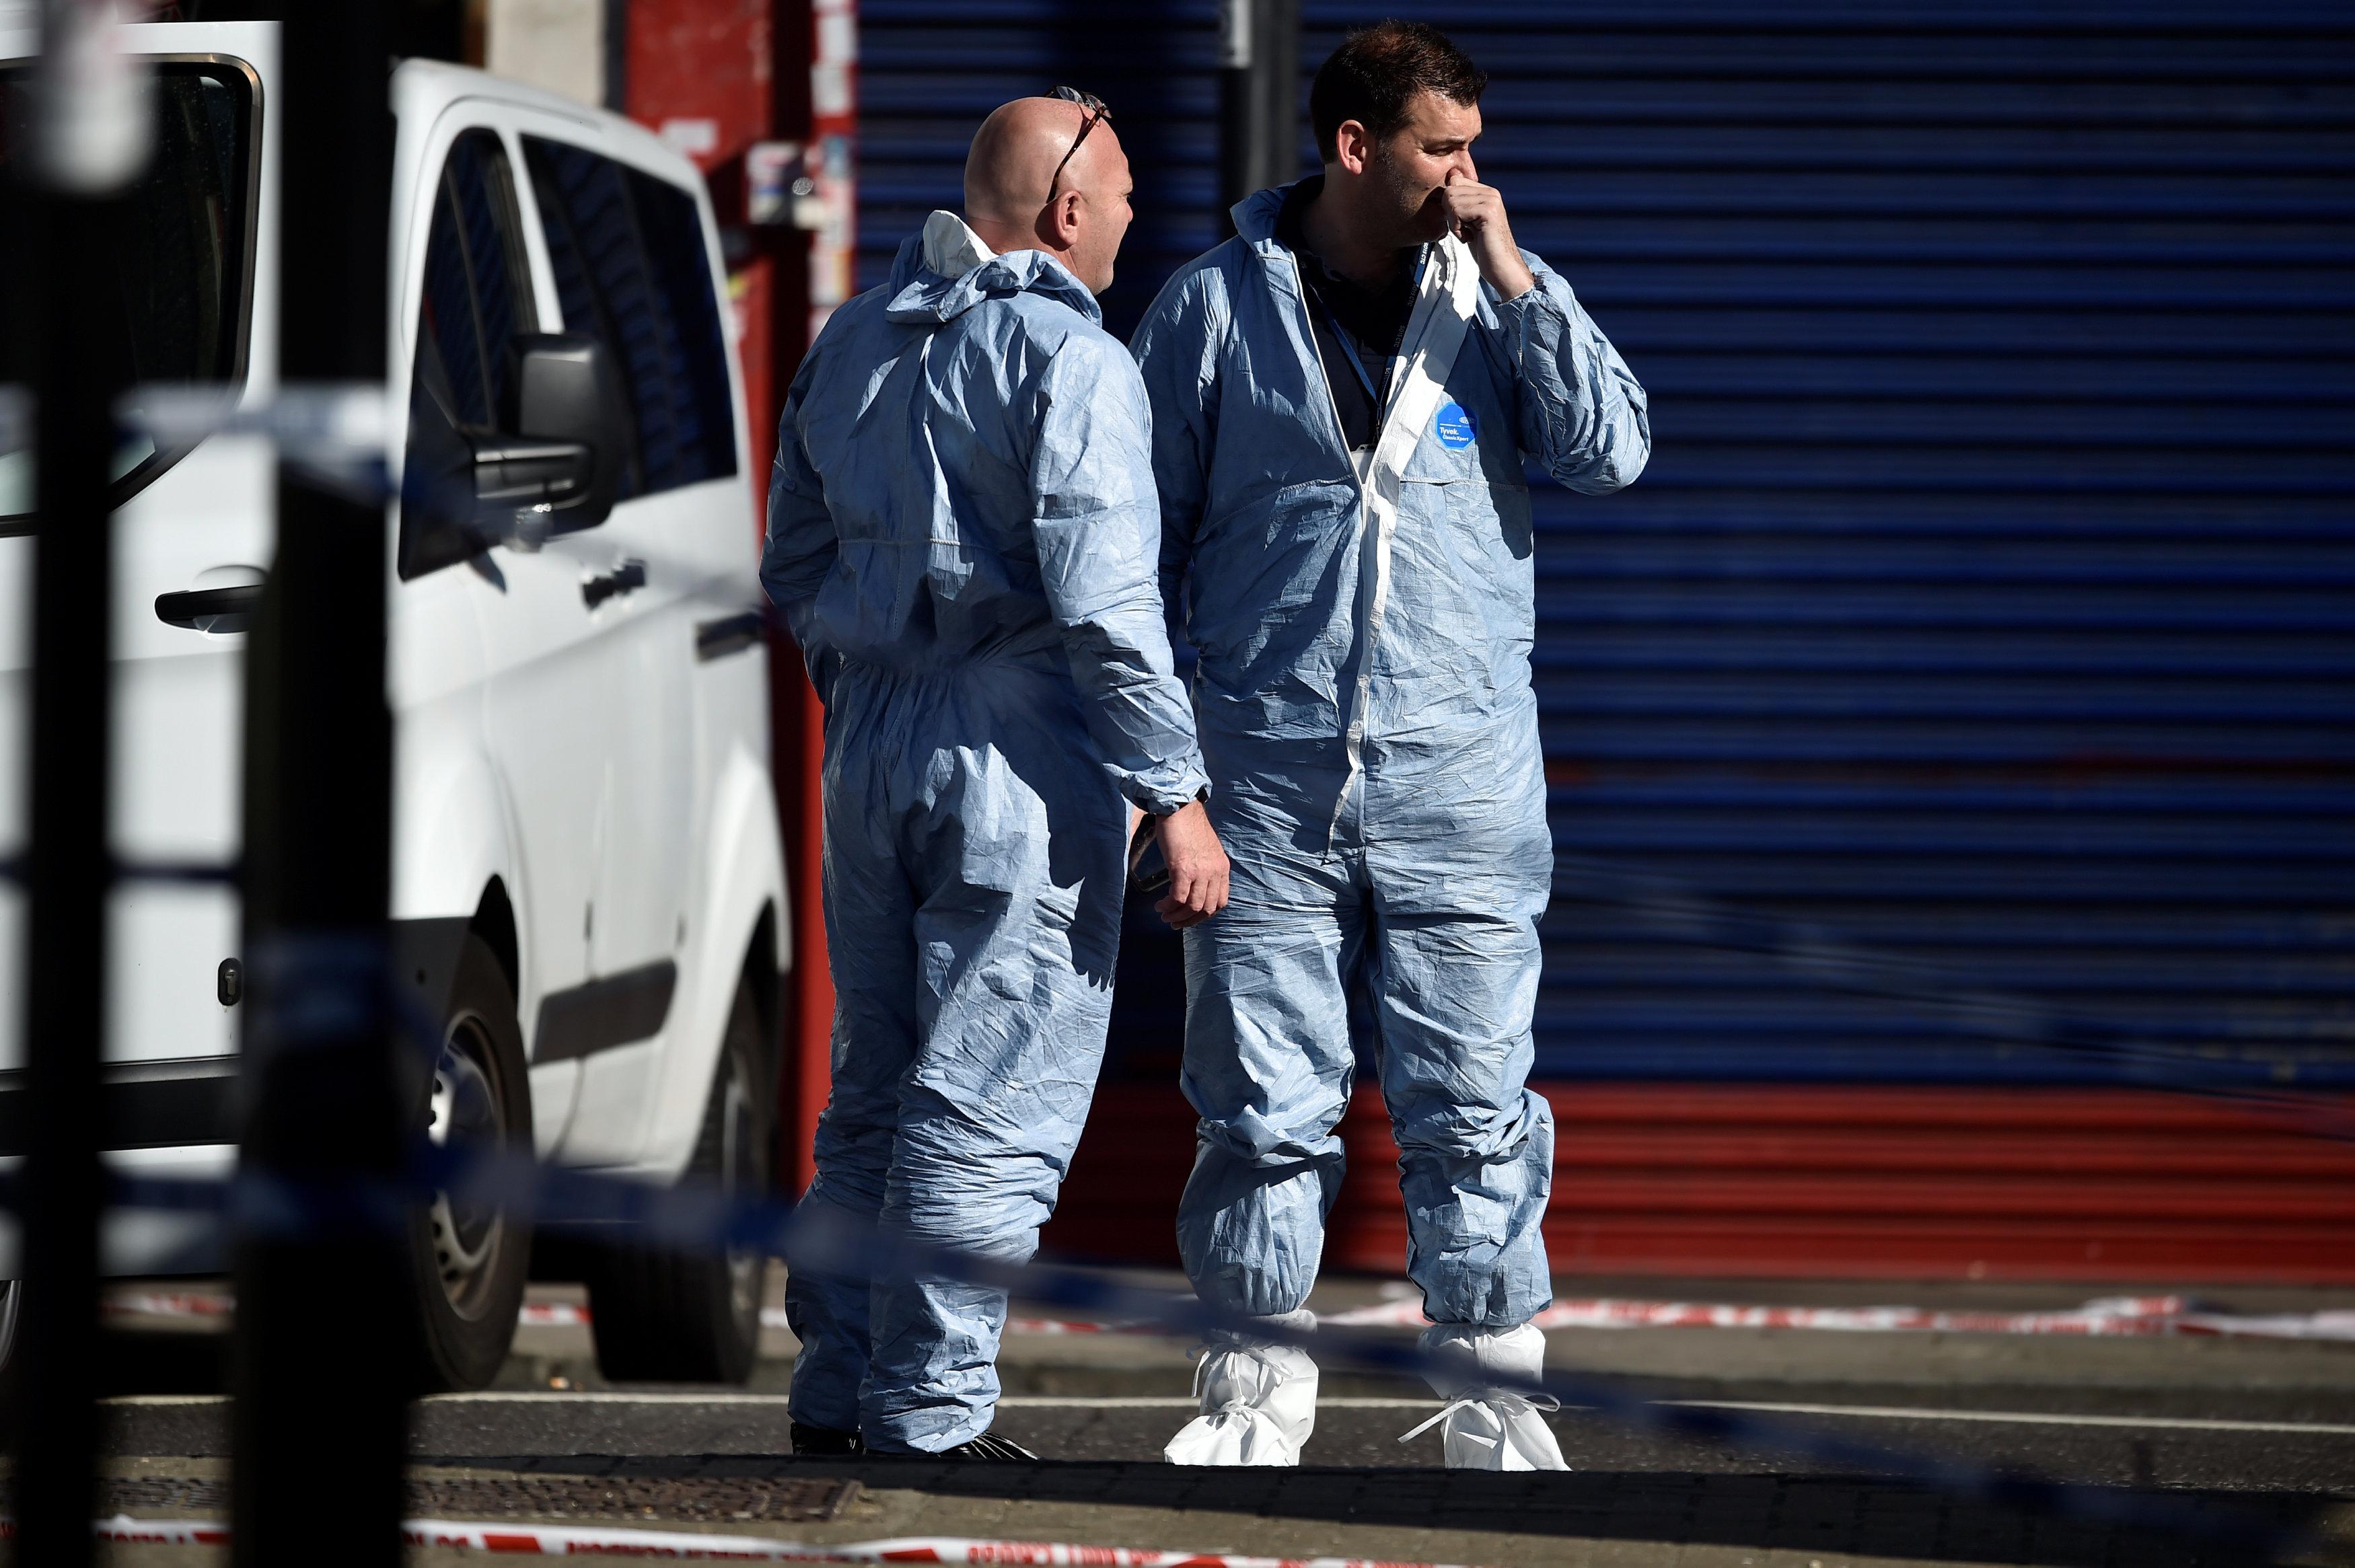 قوات الحماية المدنية تنتشر فى موقع الحادث